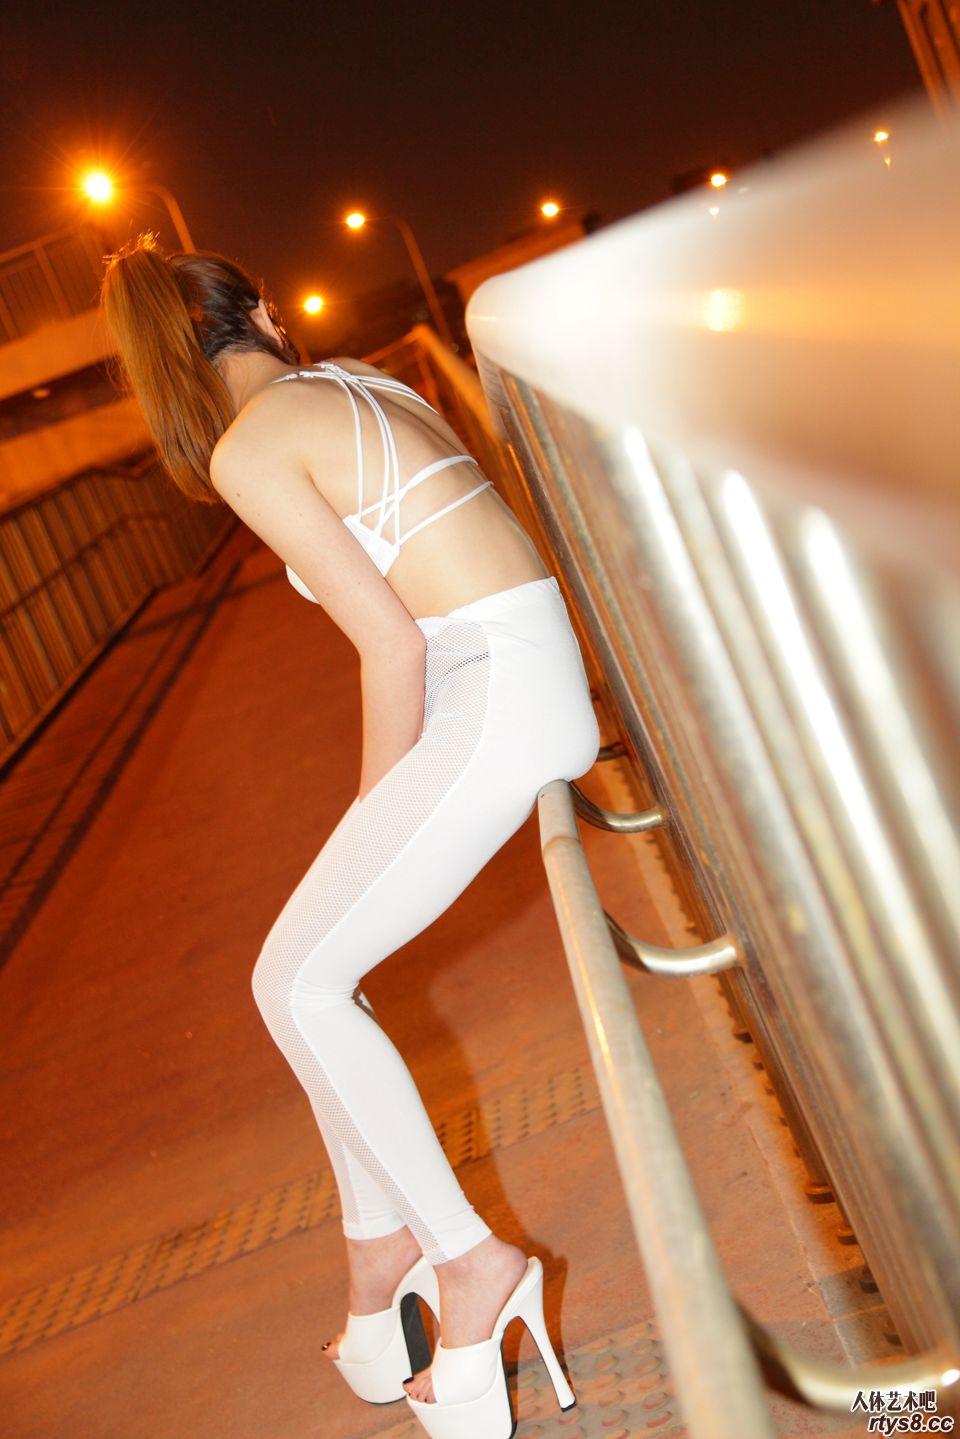 夜幕下外拍穿白色丝袜的名模欣欣